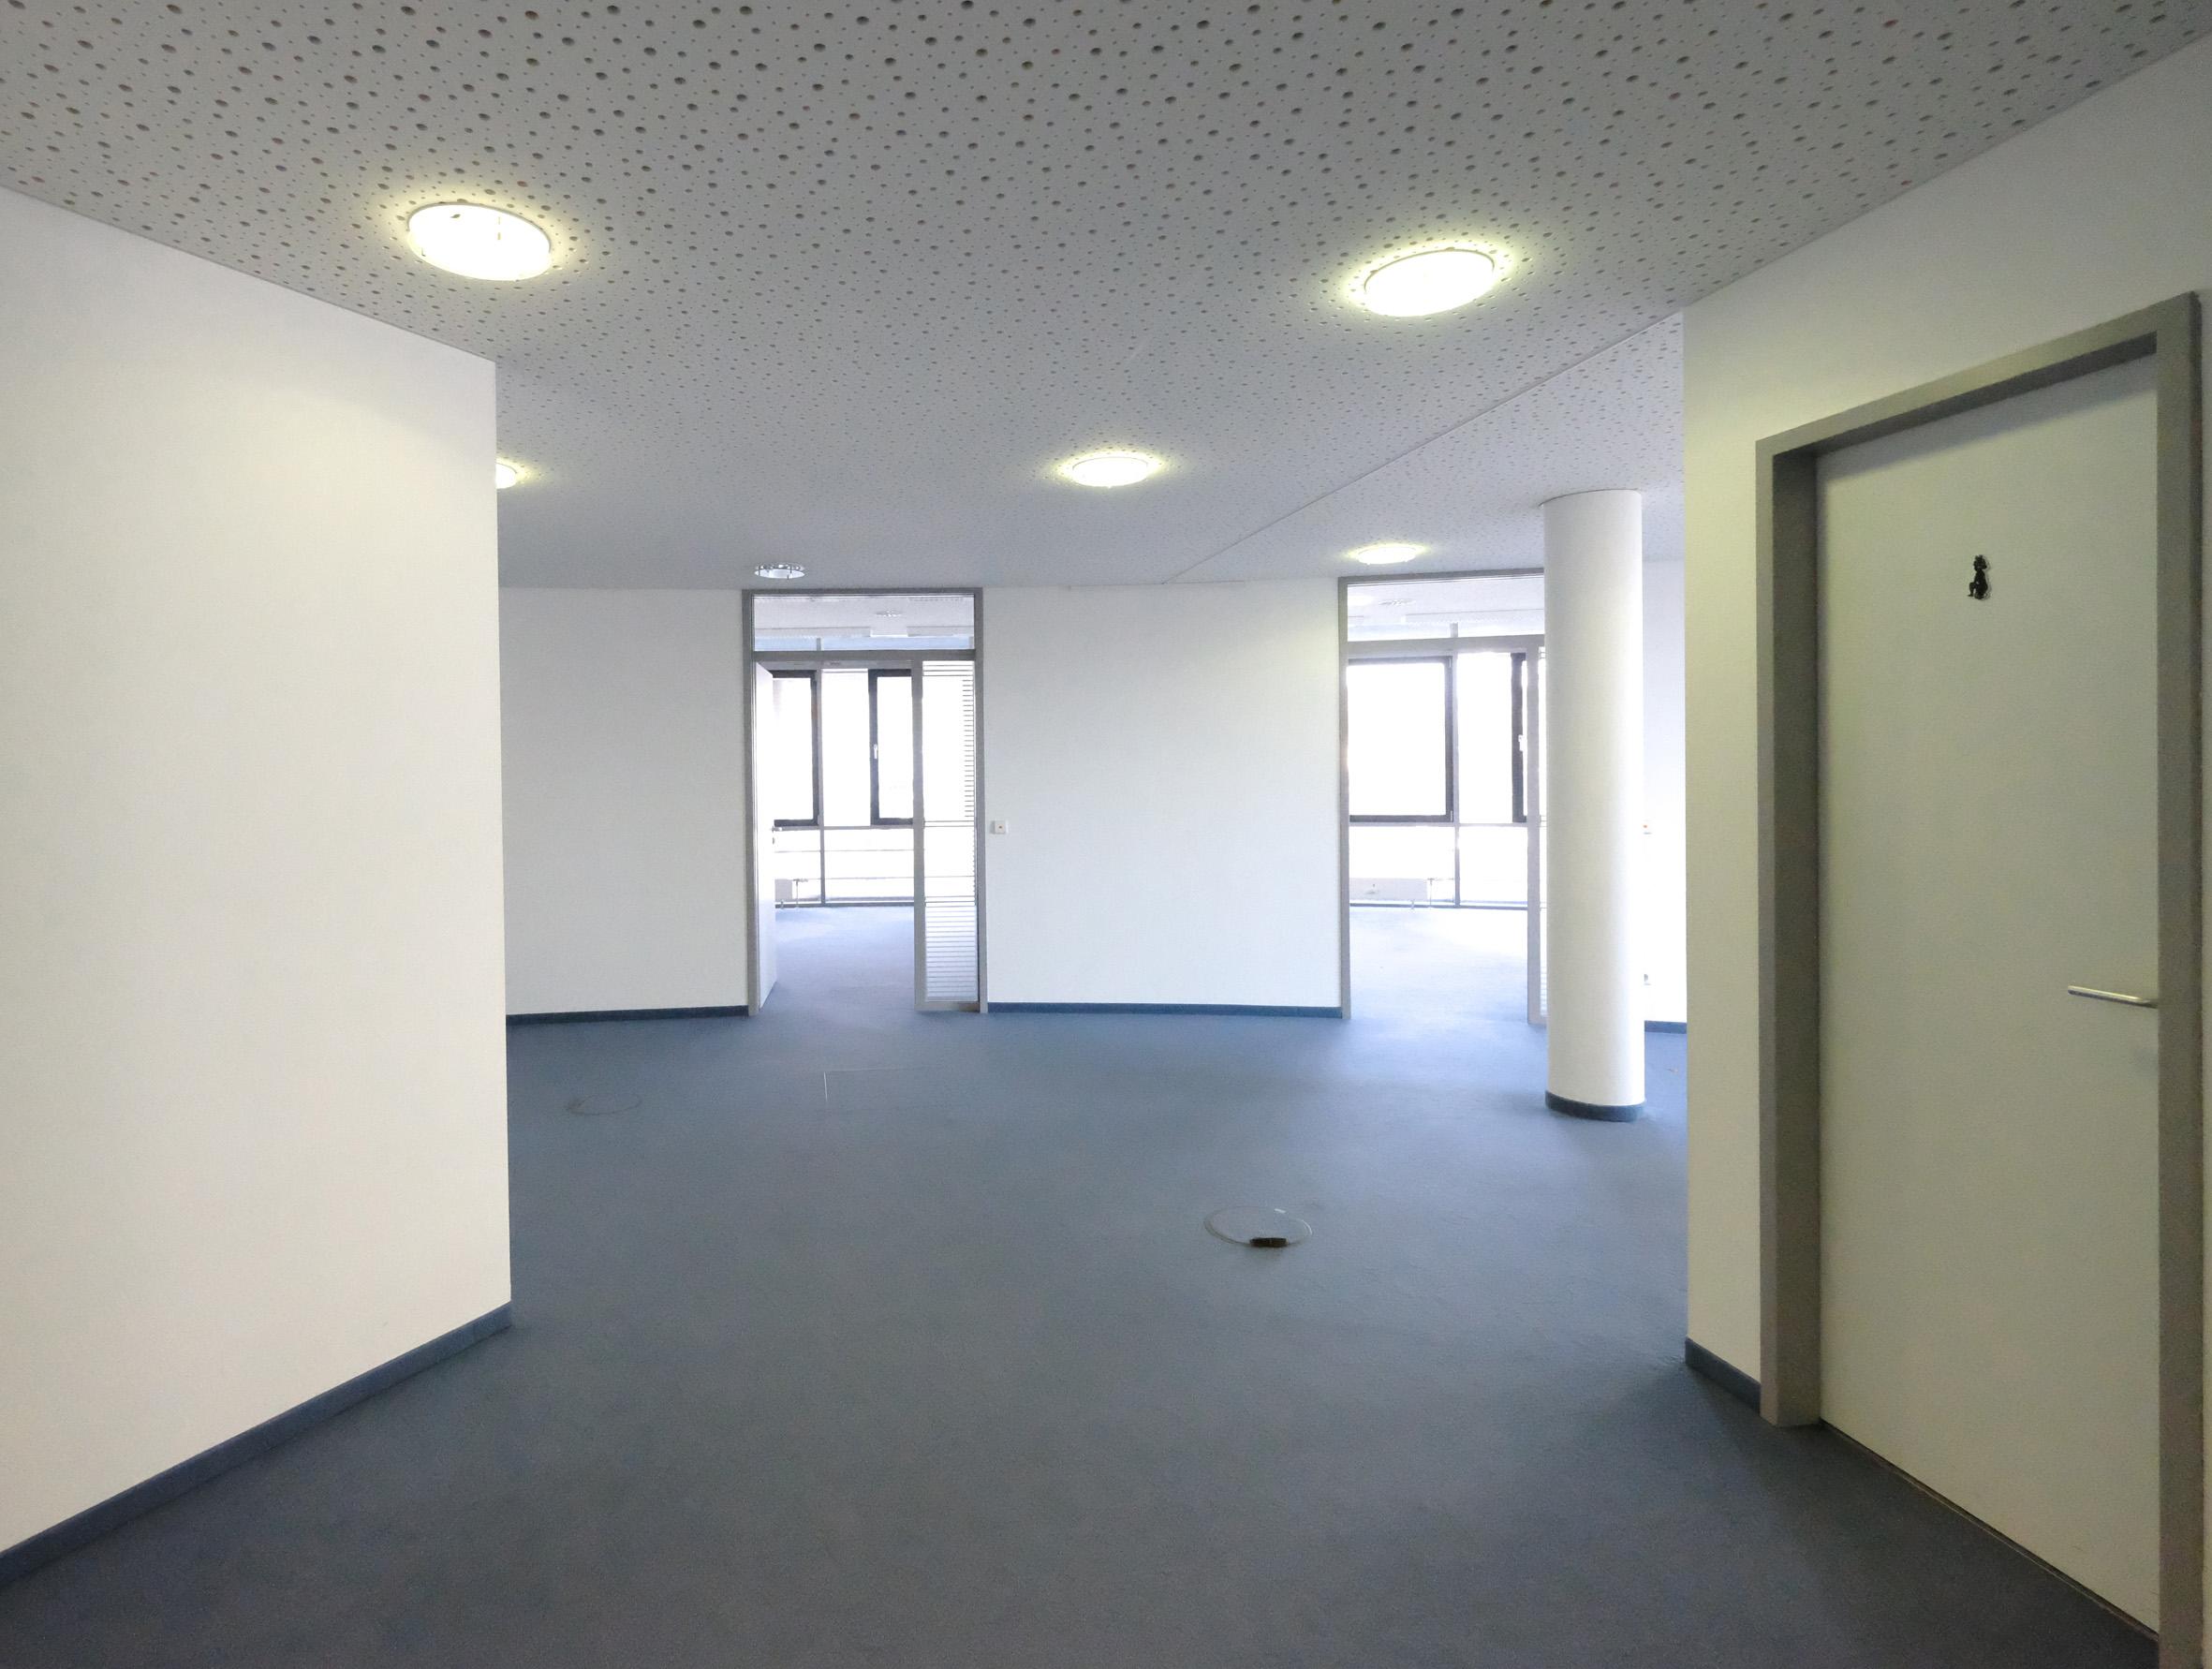 Physiotherapie Kuhn + Jäger, Stuttgart